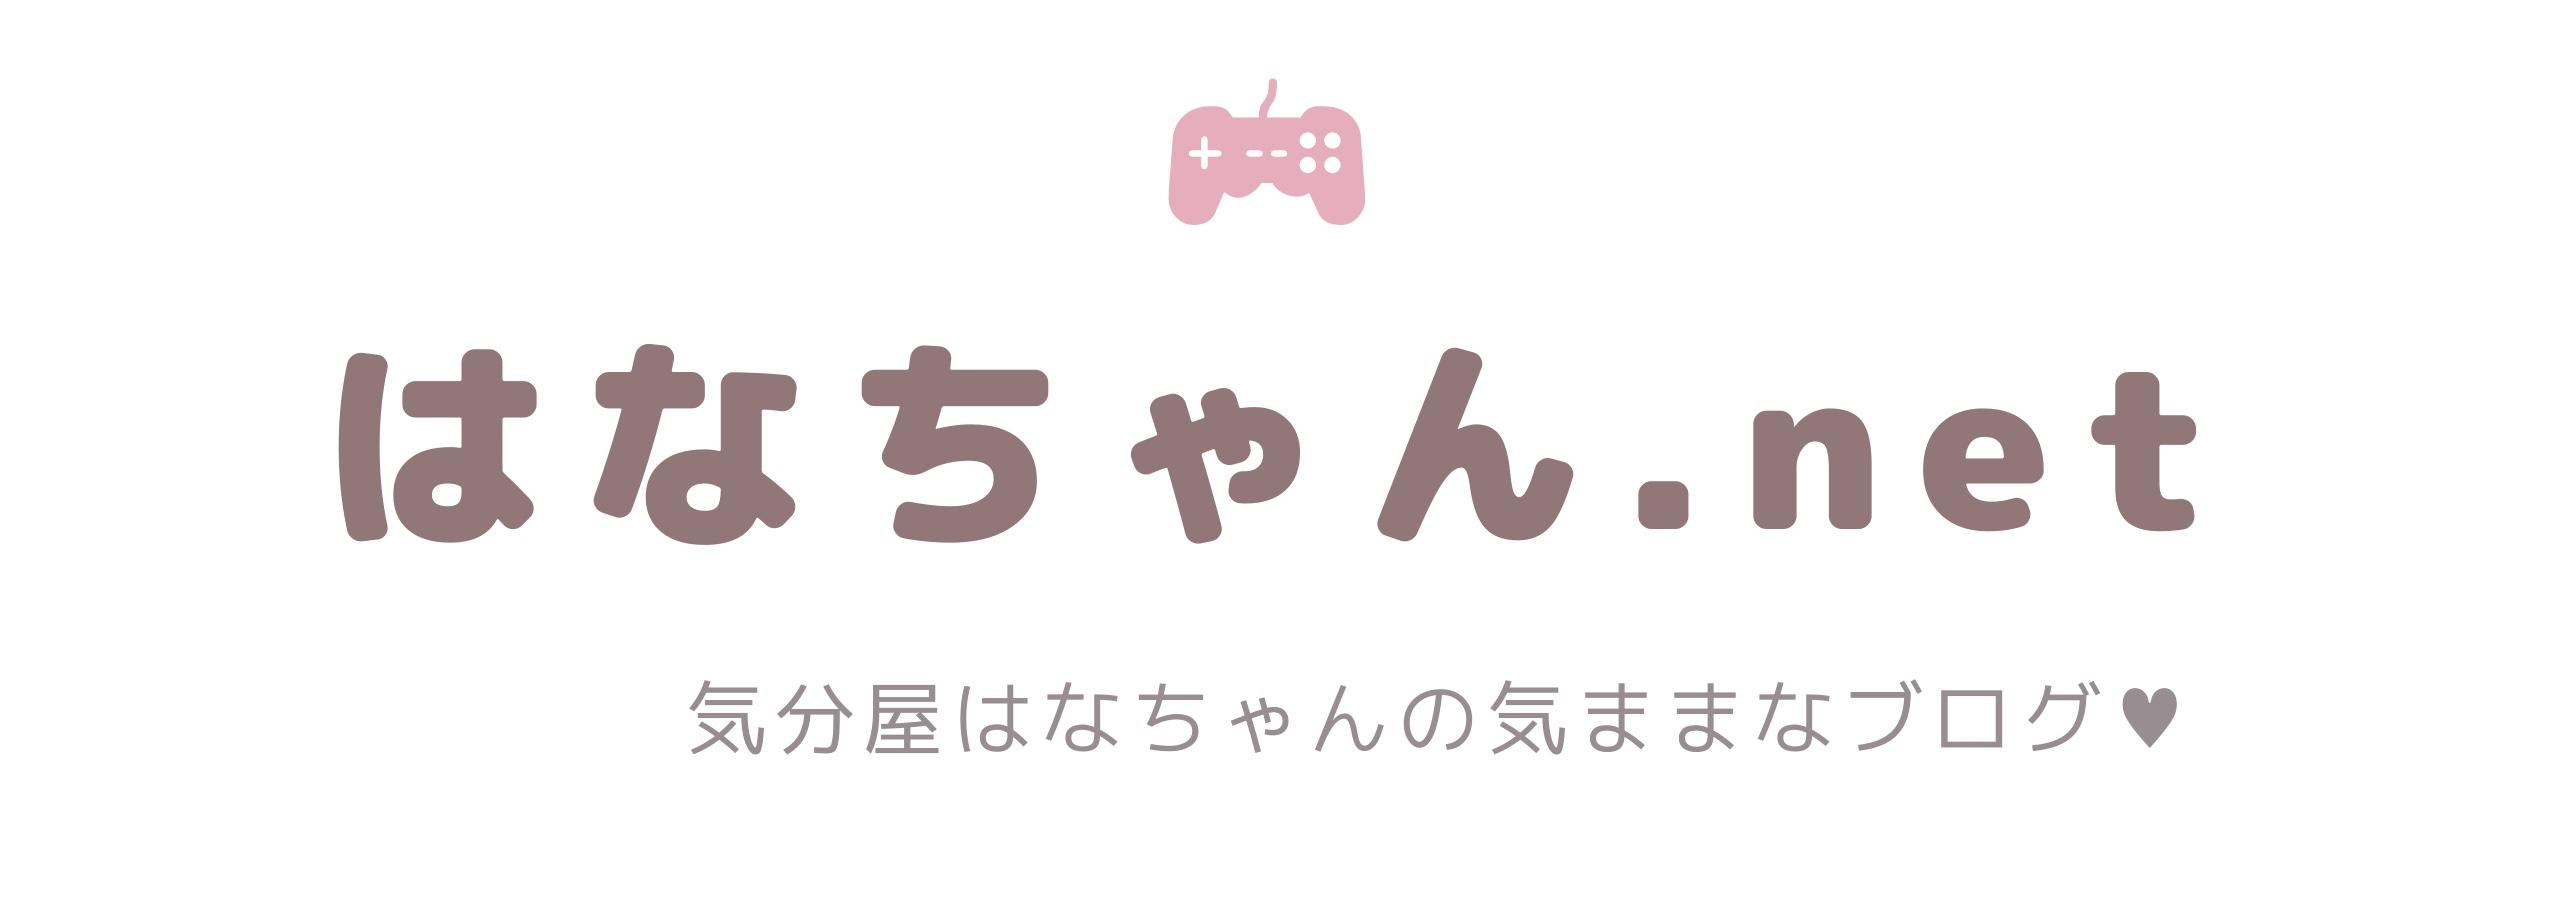 はなちゃん.net